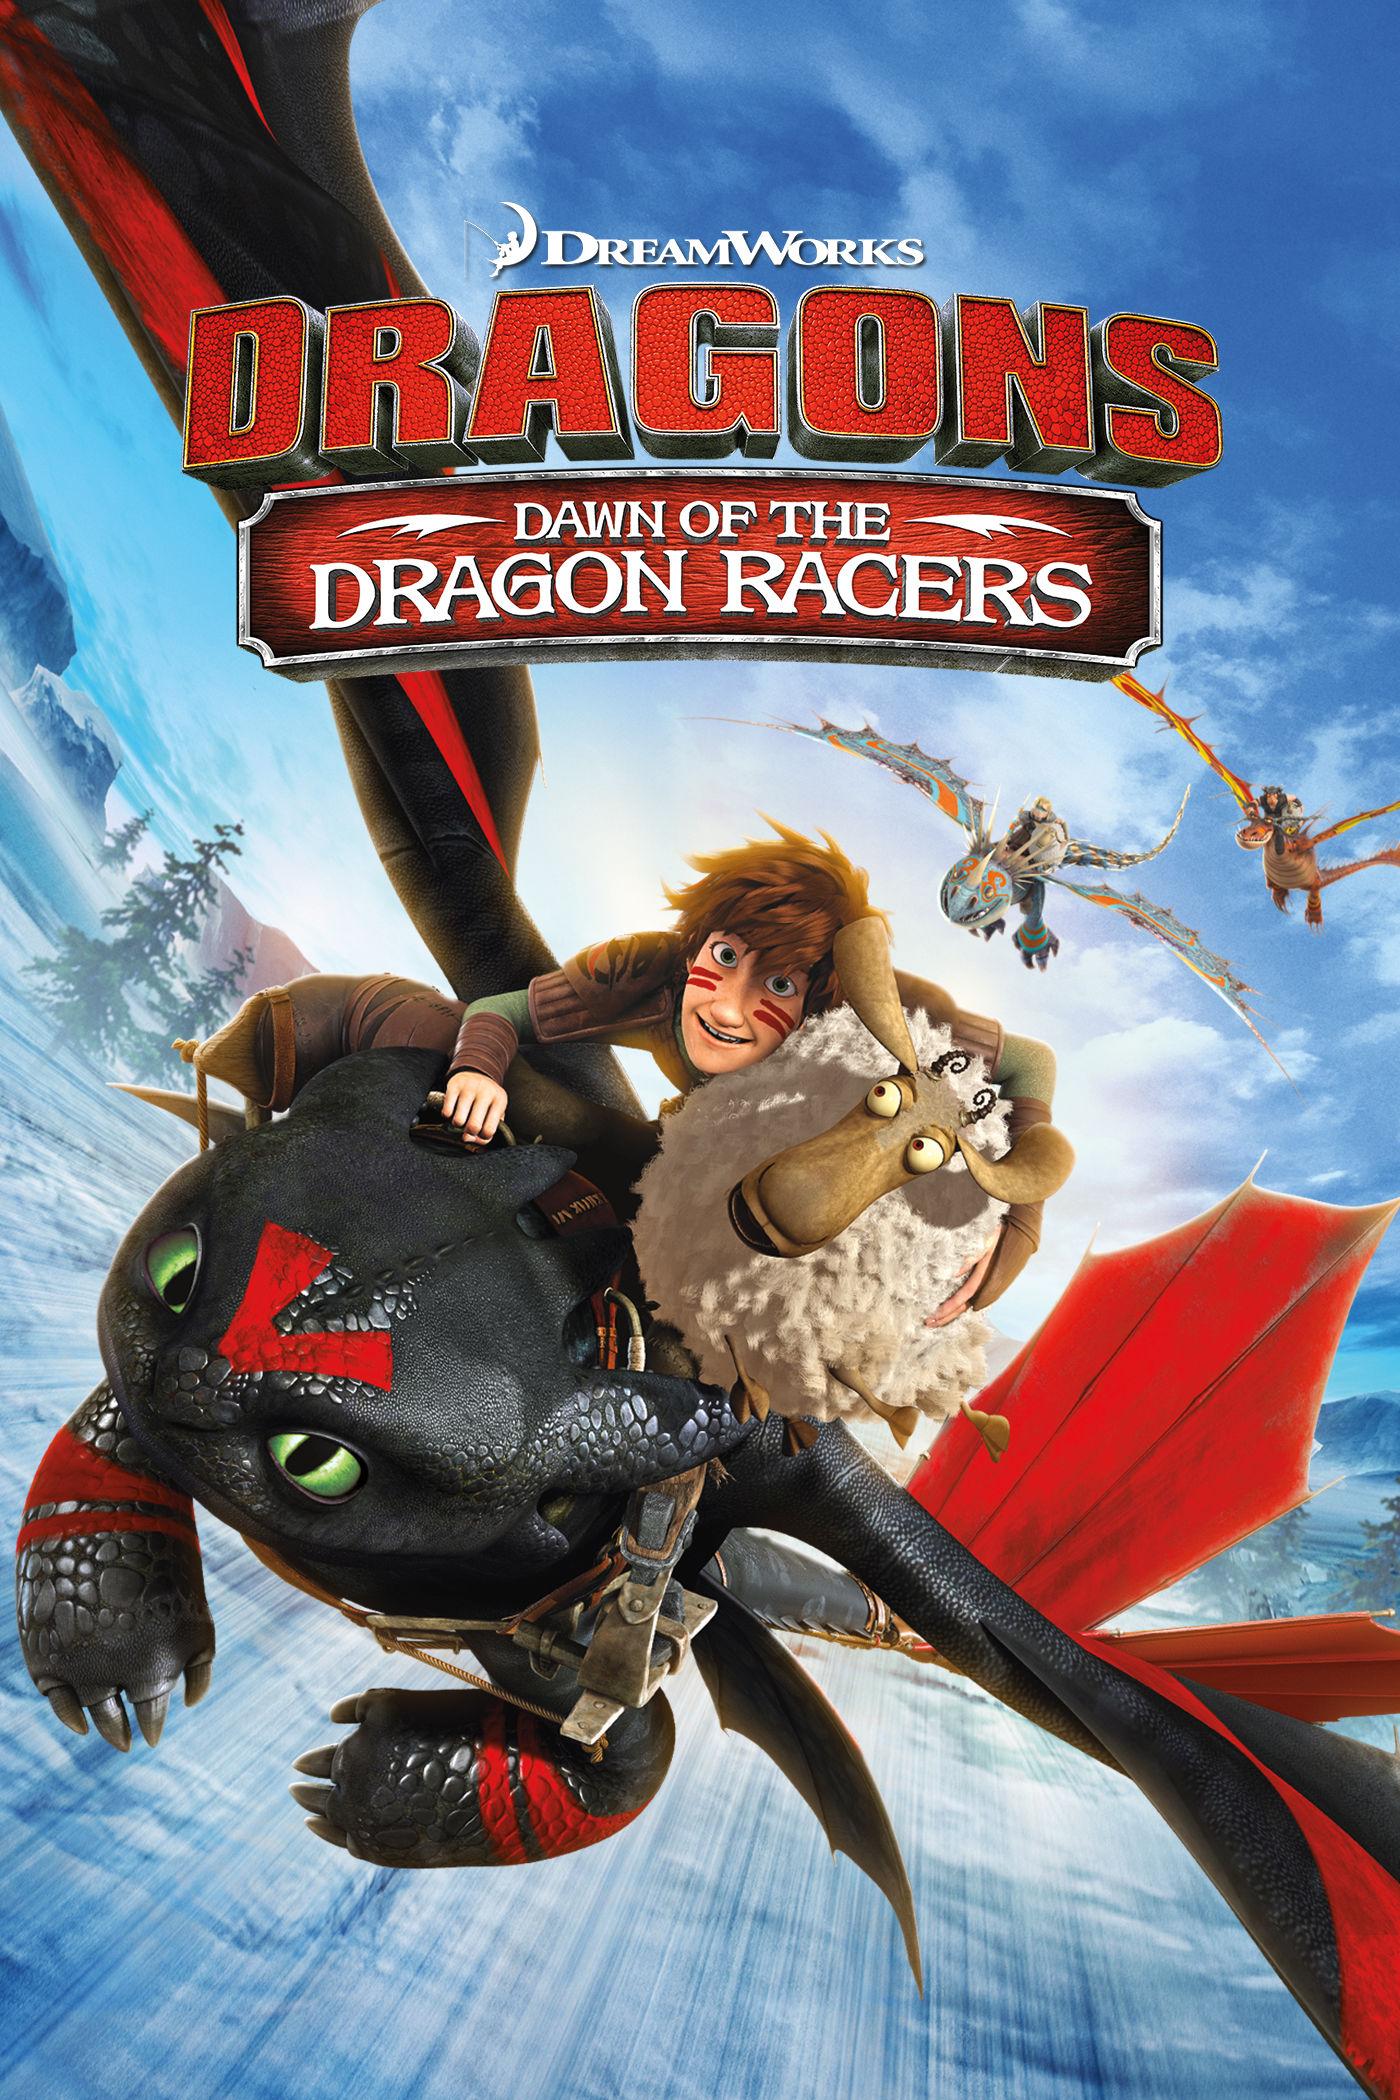 Dragons 2 : Première course de Dragons : Prêt, Feu, Partez ! [Dawn of the dragon racers] (2014) DreamWorks - Page 9 Dawn_OTDrgn_Rcrs_1400x2100_EN